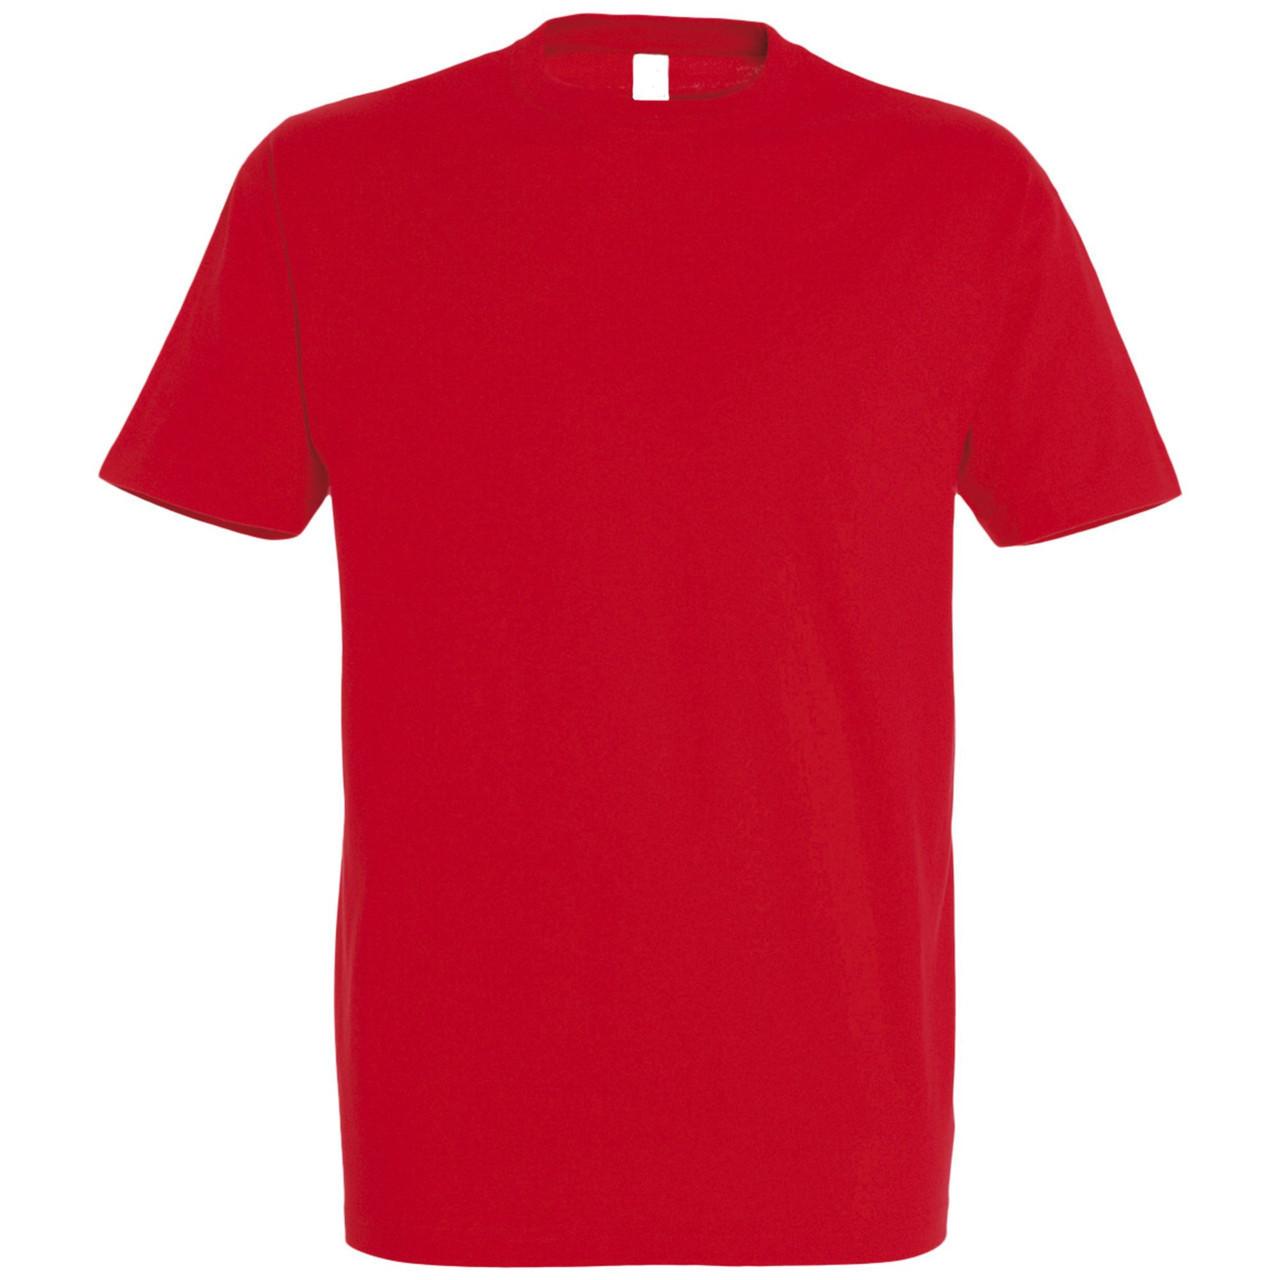 Oднотонная футболка | Красная | 160 гр. | M